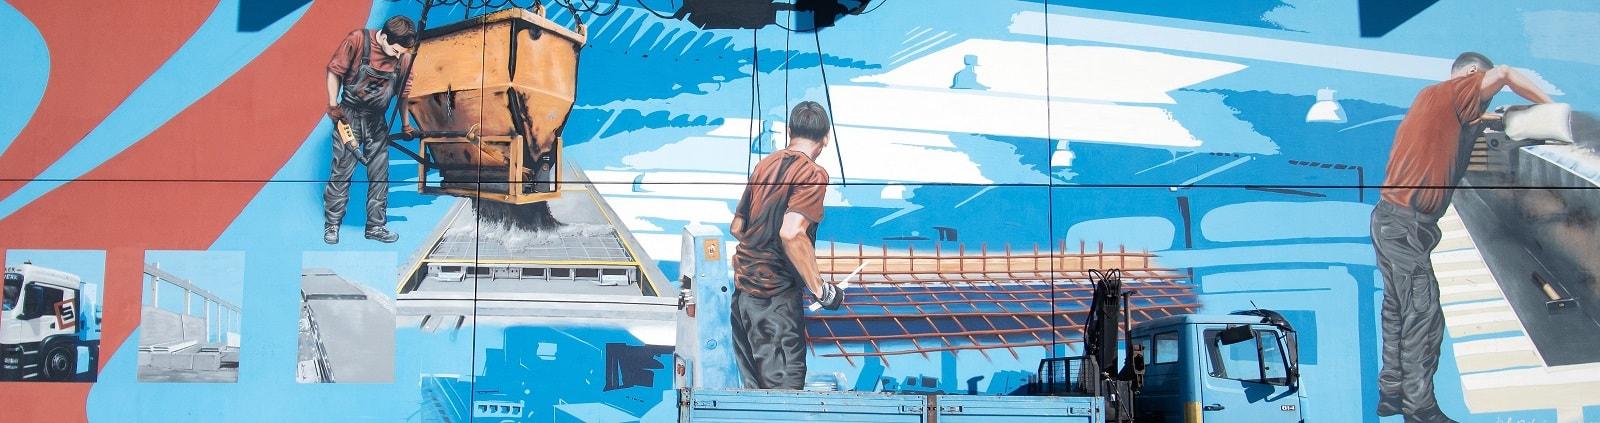 Stanecker Graffiti Borchen Paderborn ArtMano GmbH - Kopie-min